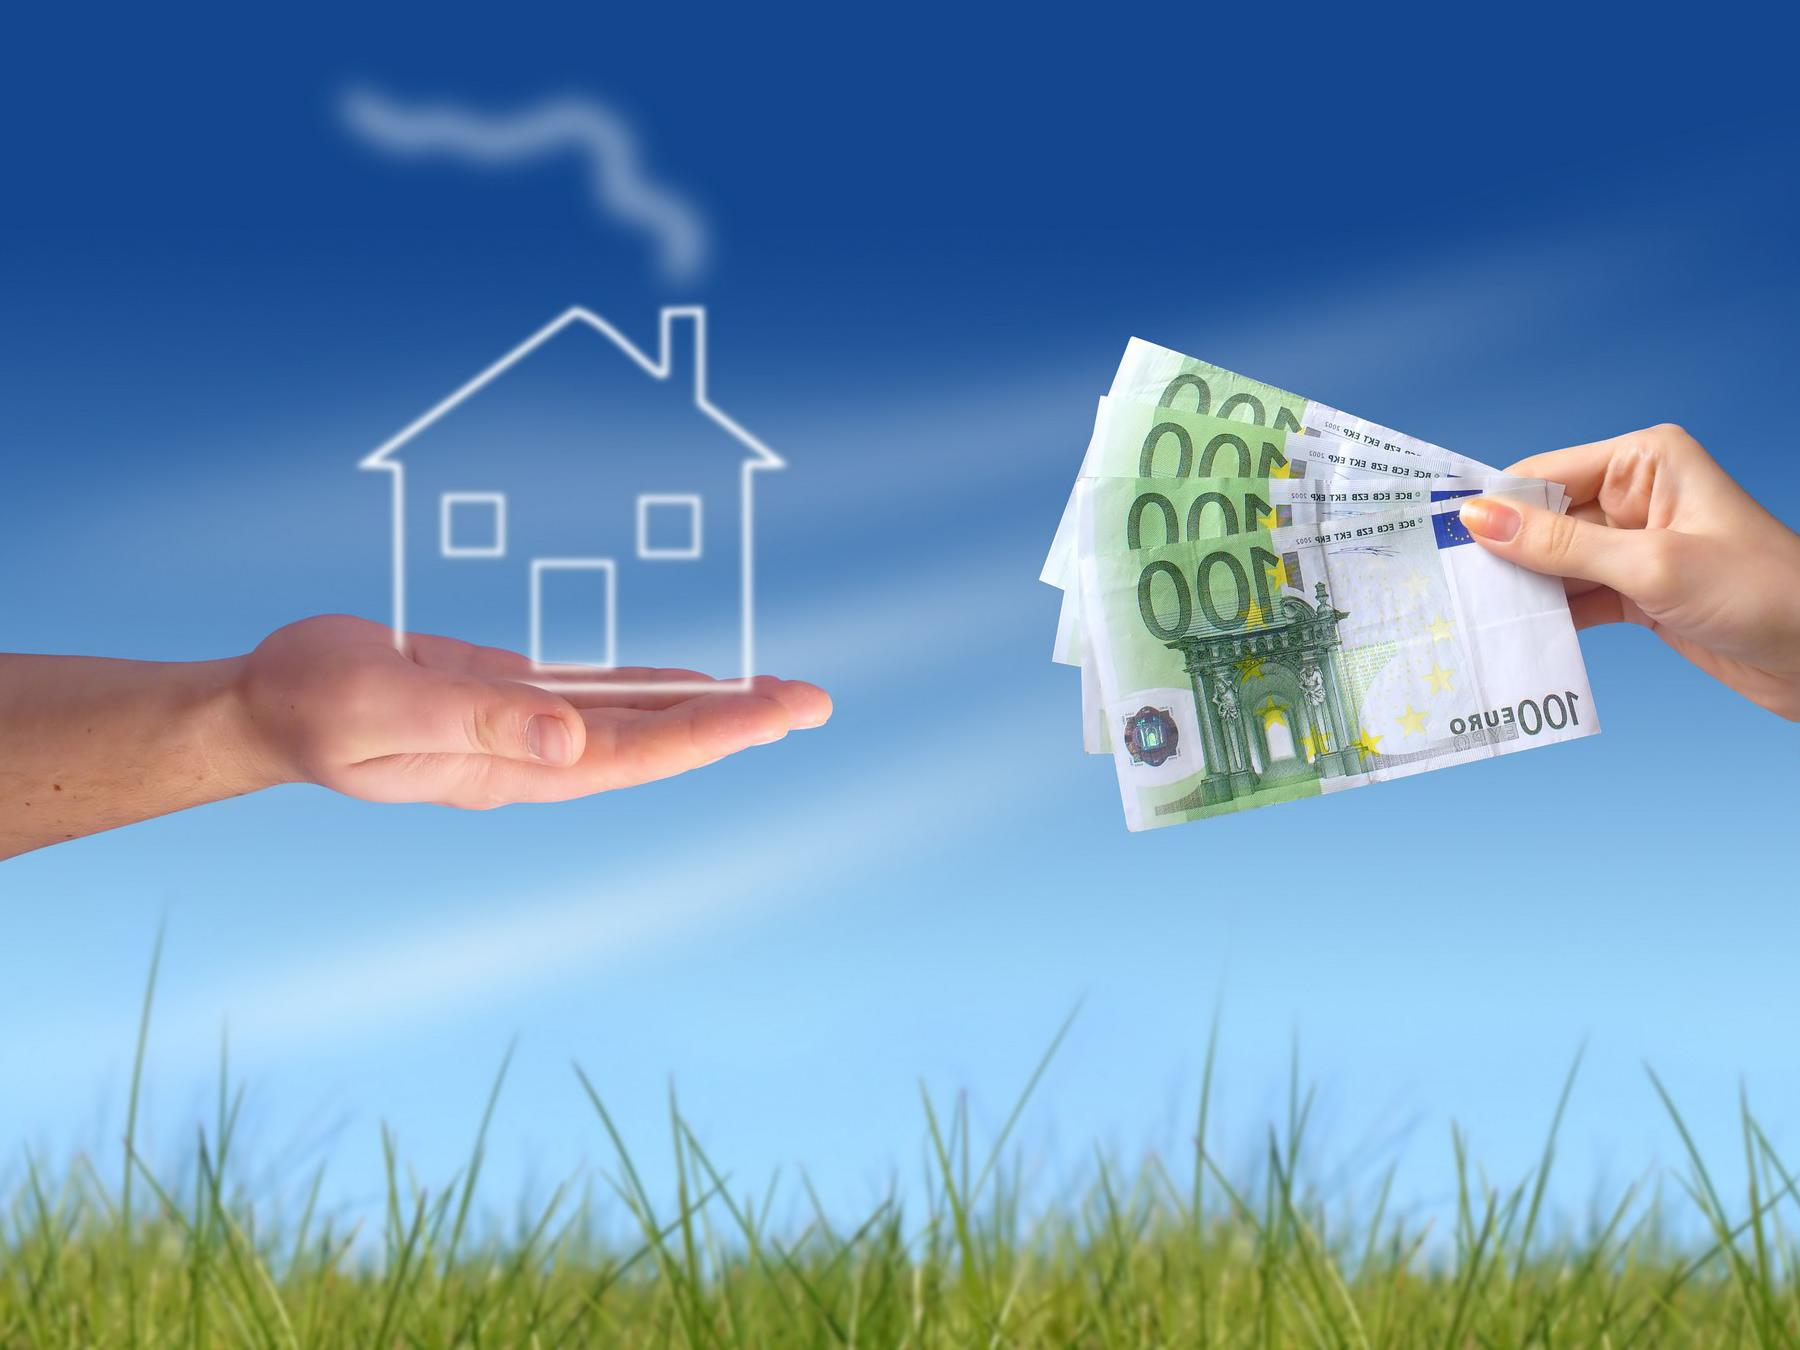 Achat immobilier: une garantie pour la vie